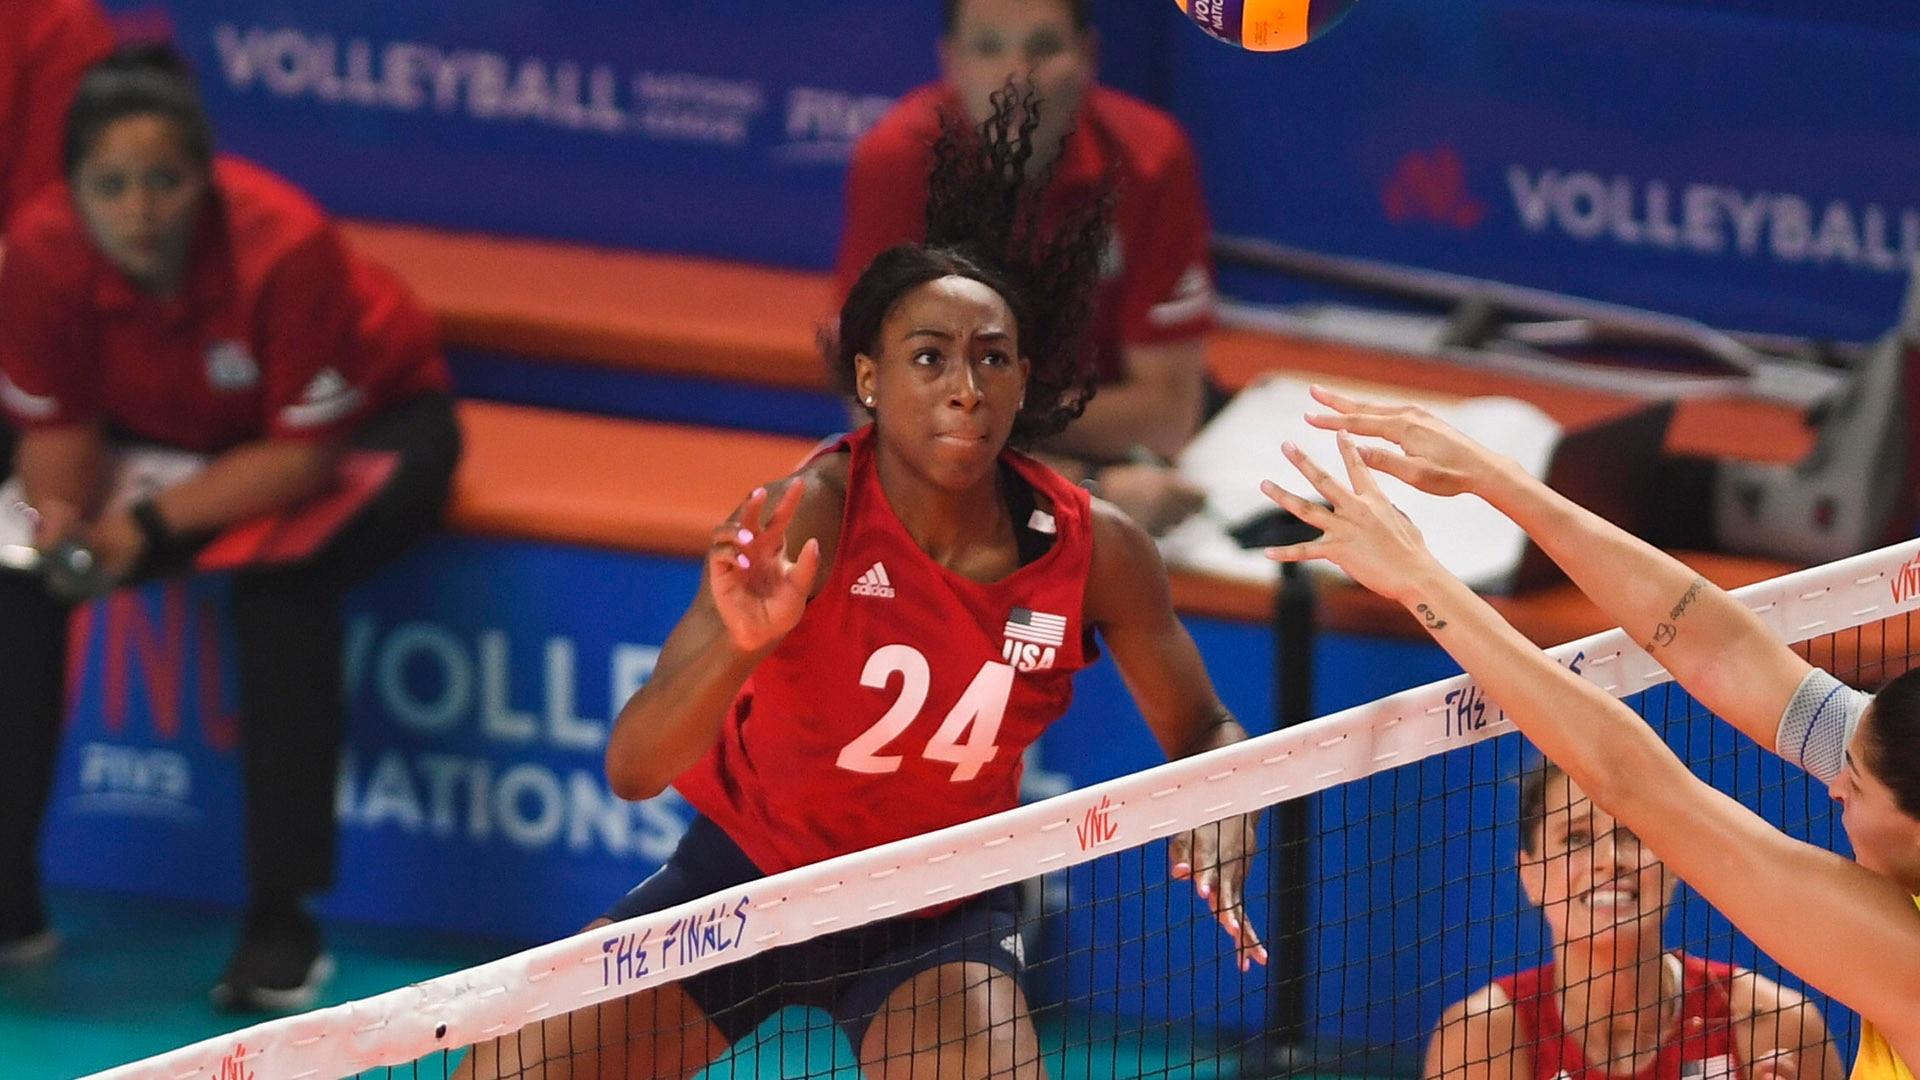 Chiaka Ogbogu at the 2019 VNL